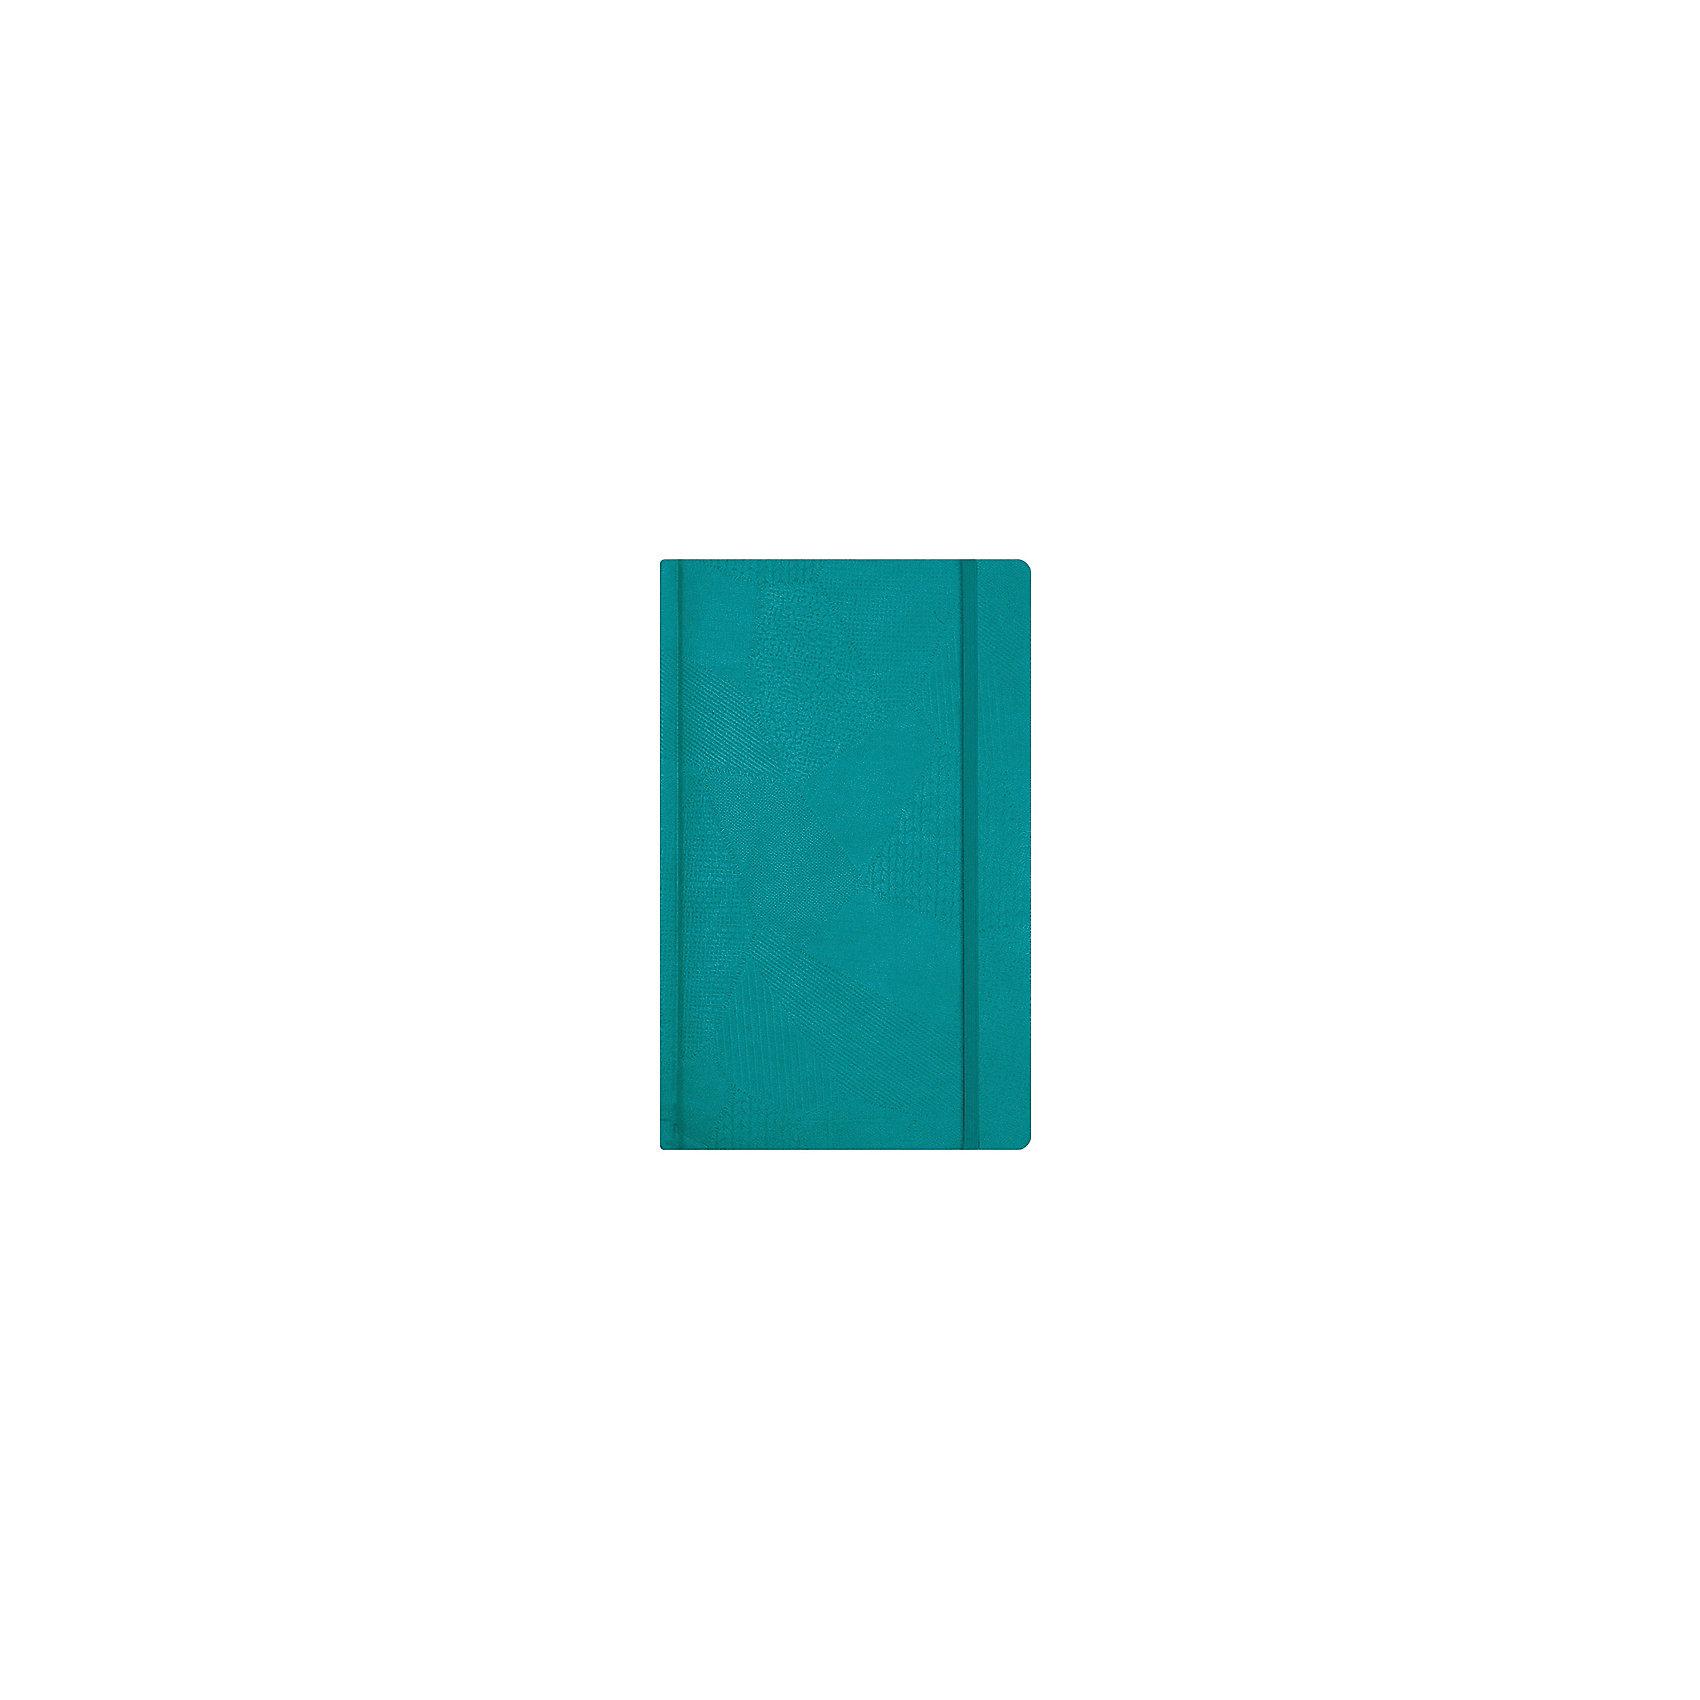 Записная книга, на резинке, 130х210, BAZAR, Erich KrauseБумажная продукция<br>Записная книга, на резинке, 130х210, BAZAR, Erich Krause.<br><br>Характеристики:<br><br>• Размер: 130x210 мм.<br>• Количество листов: 96<br>• Блок: сшитый, офсет 80 г/м2, линейка<br>• Вклеенная закладка<br>• Обложка: с закругленными углами, фиксирующей резинкой, петлей для ручки<br>• Материал обложки: картон, текстиль<br>• Цвет: бирюзовый<br><br>Надежная твердая обложка из плотного картона, обтянутого текстильным материалом с тиснением в виде сшитых лоскутов ткани, сохранит ее в аккуратном состоянии на протяжении всего времени использования. В начале книжки имеется страничка для заполнения личных данных владельца, четыре страницы для заполнения адресов, телефонов и интернет-почты и четыре страницы для заполнения сайтов и ссылок.<br><br>Записную книгу, на резинке, 130х210, BAZAR, Erich Krause можно купить в нашем интернет-магазине.<br><br>Ширина мм: 130<br>Глубина мм: 210<br>Высота мм: 150<br>Вес г: 315<br>Возраст от месяцев: 204<br>Возраст до месяцев: 2147483647<br>Пол: Унисекс<br>Возраст: Детский<br>SKU: 5543320